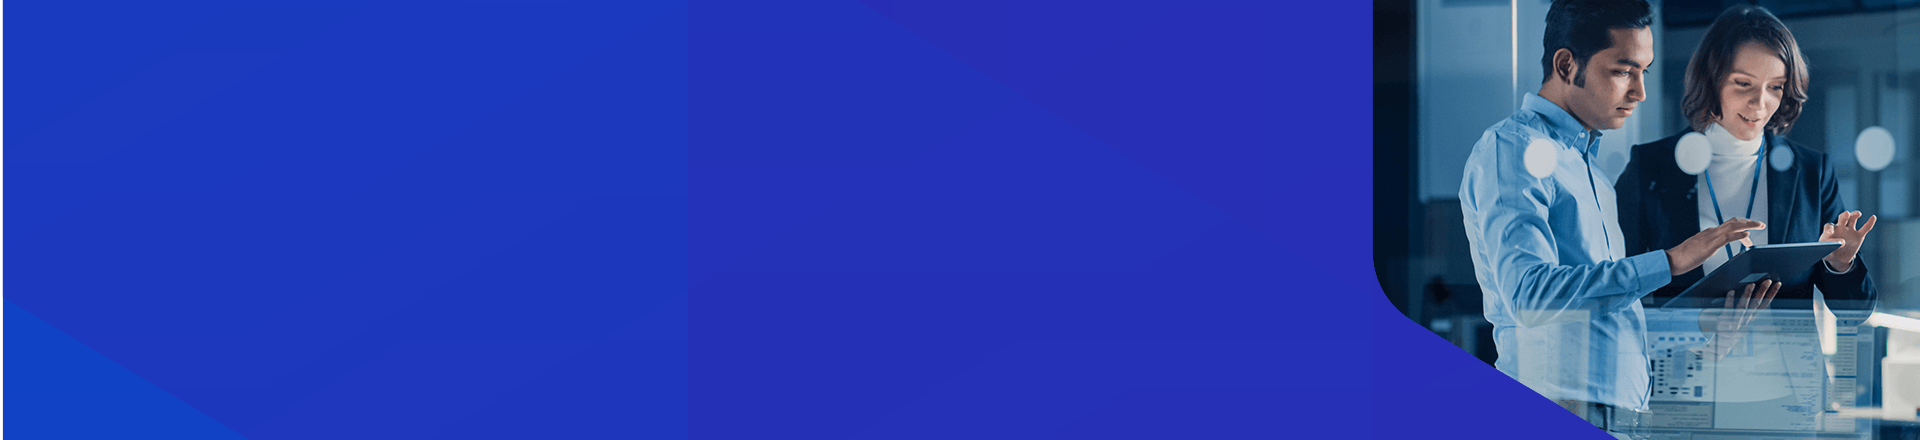 OpenEdge 12 Whitepaper LP 1920x440 RITM0122278